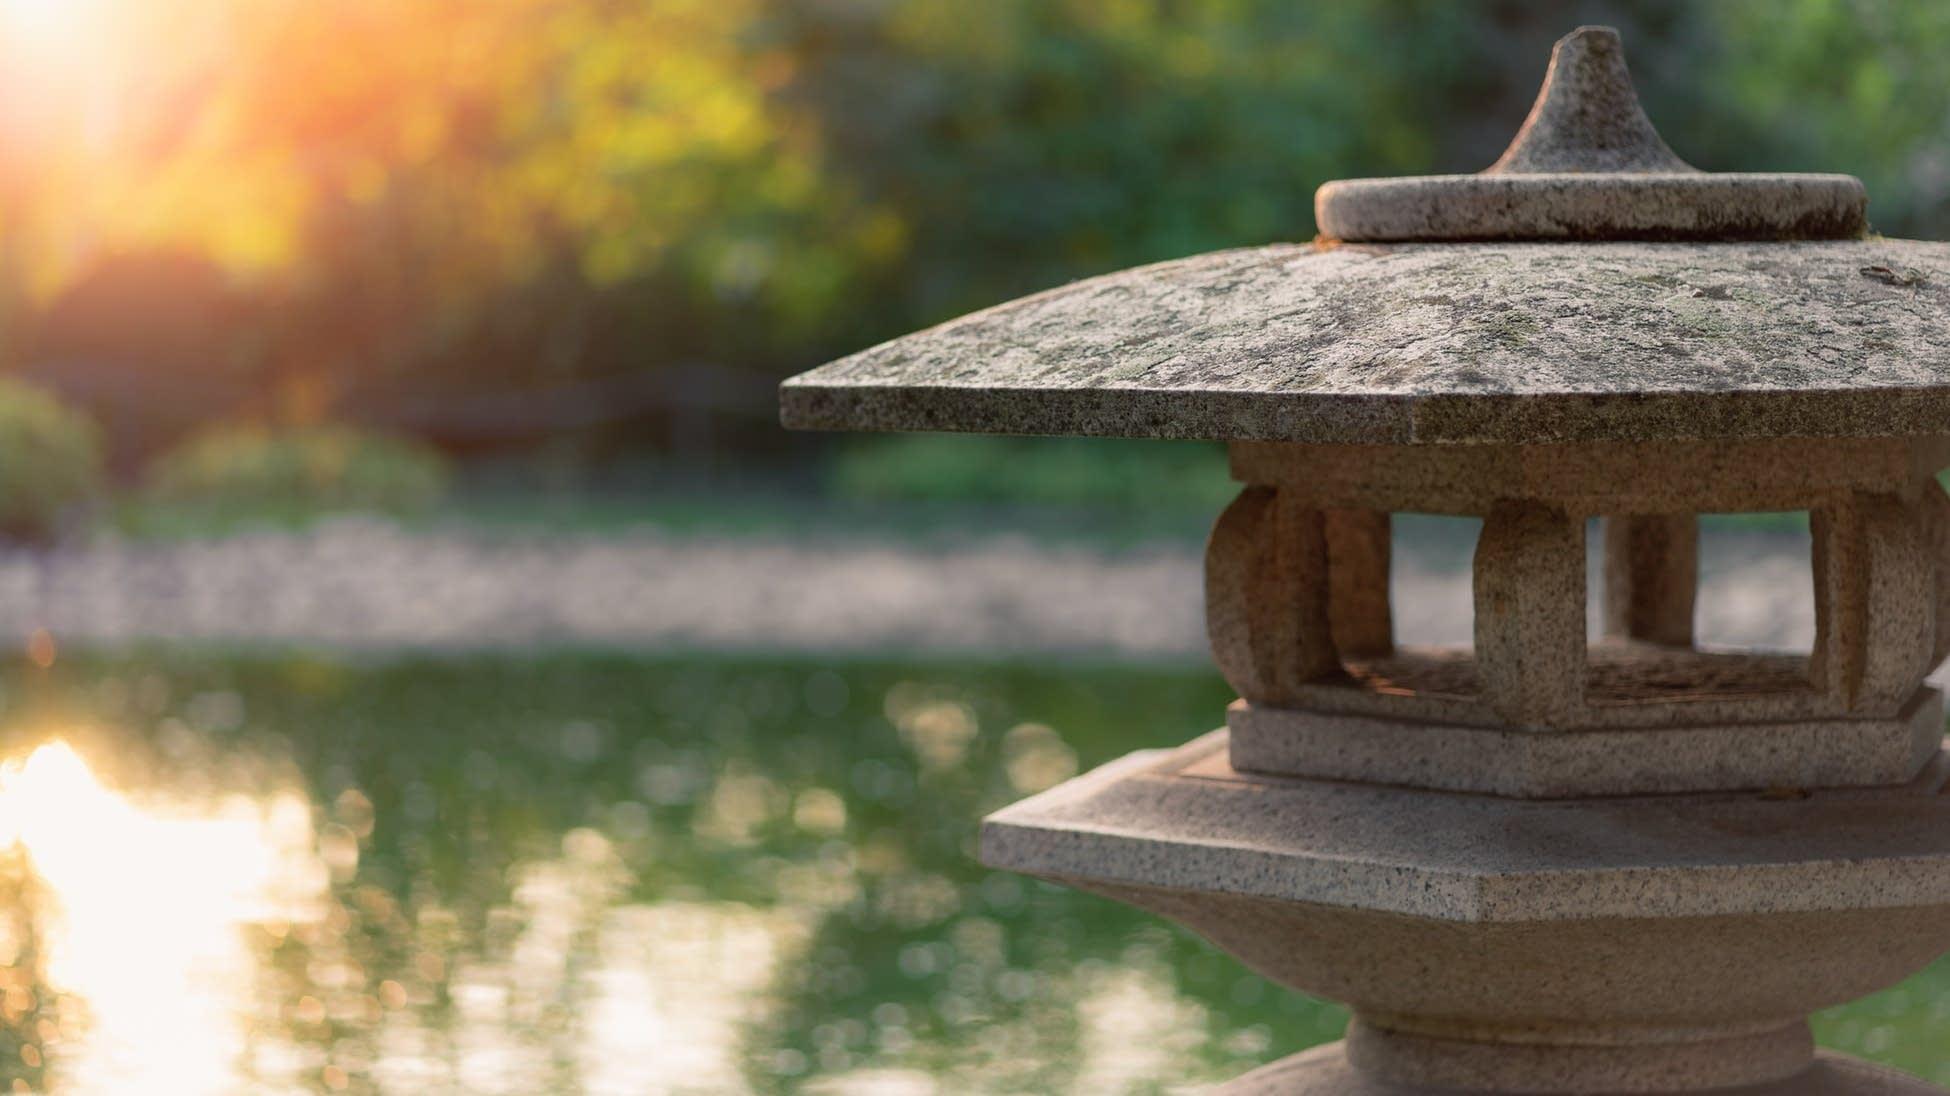 Lantern in a Zen garden.